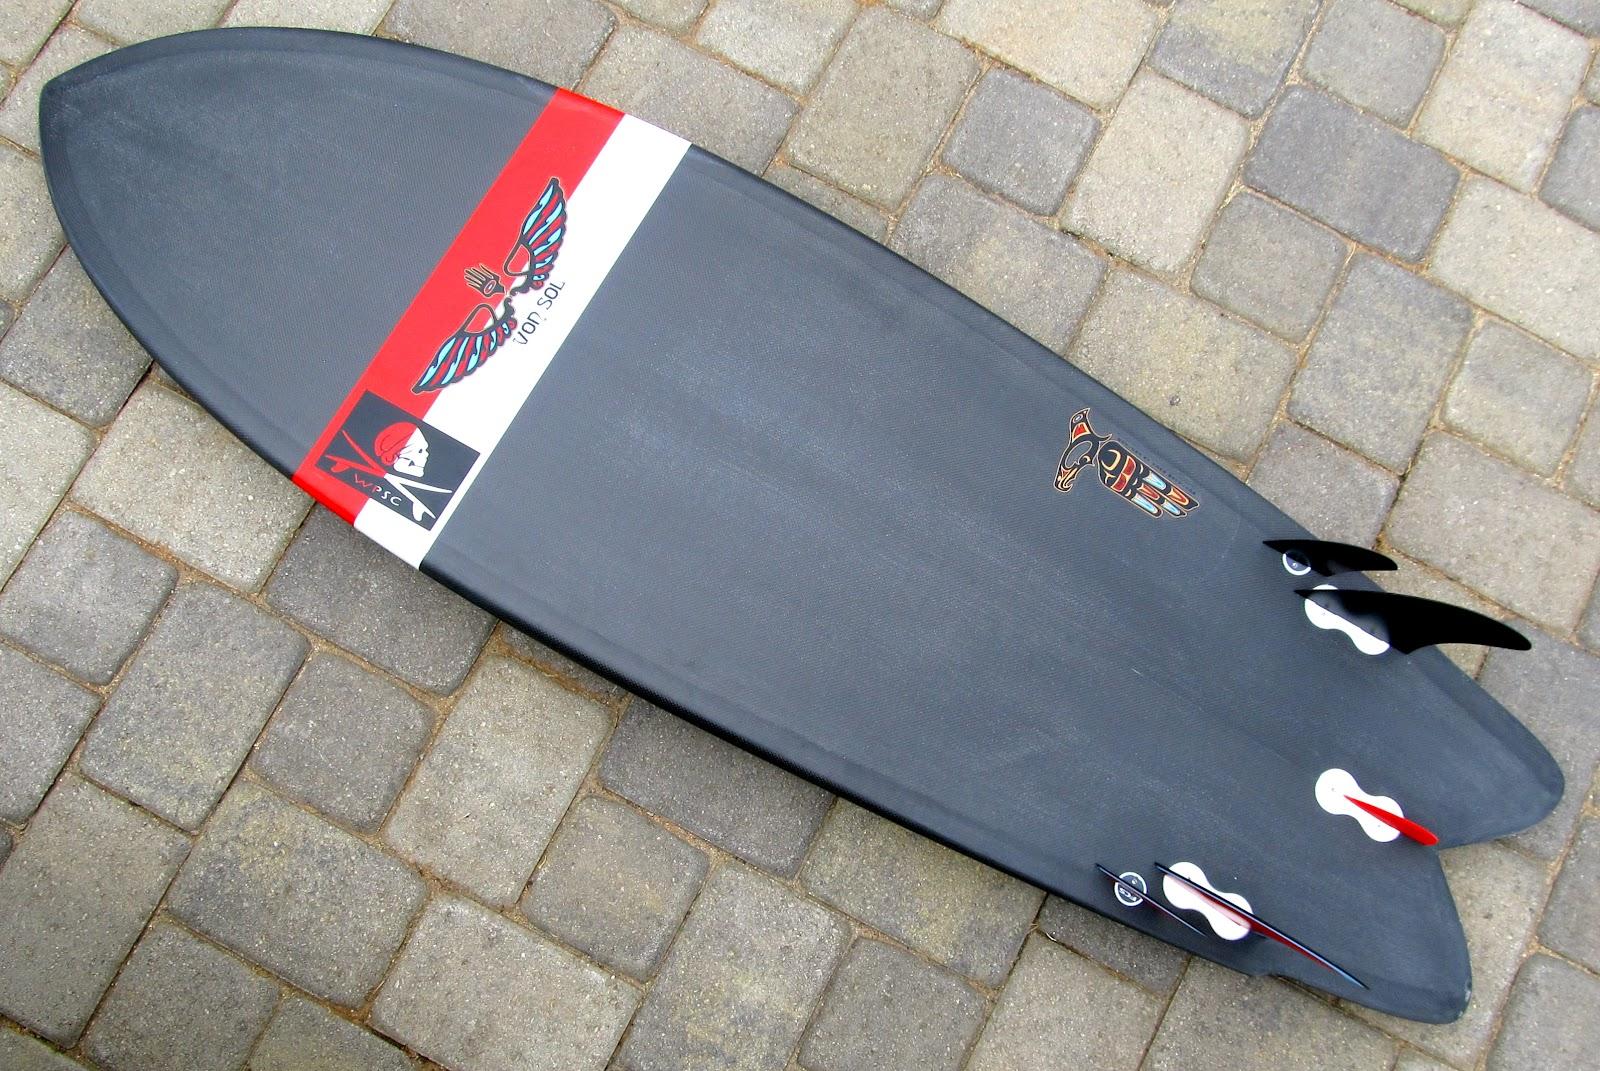 Von Sol Surfboards, Oceanside California: Innovation of Von Sol